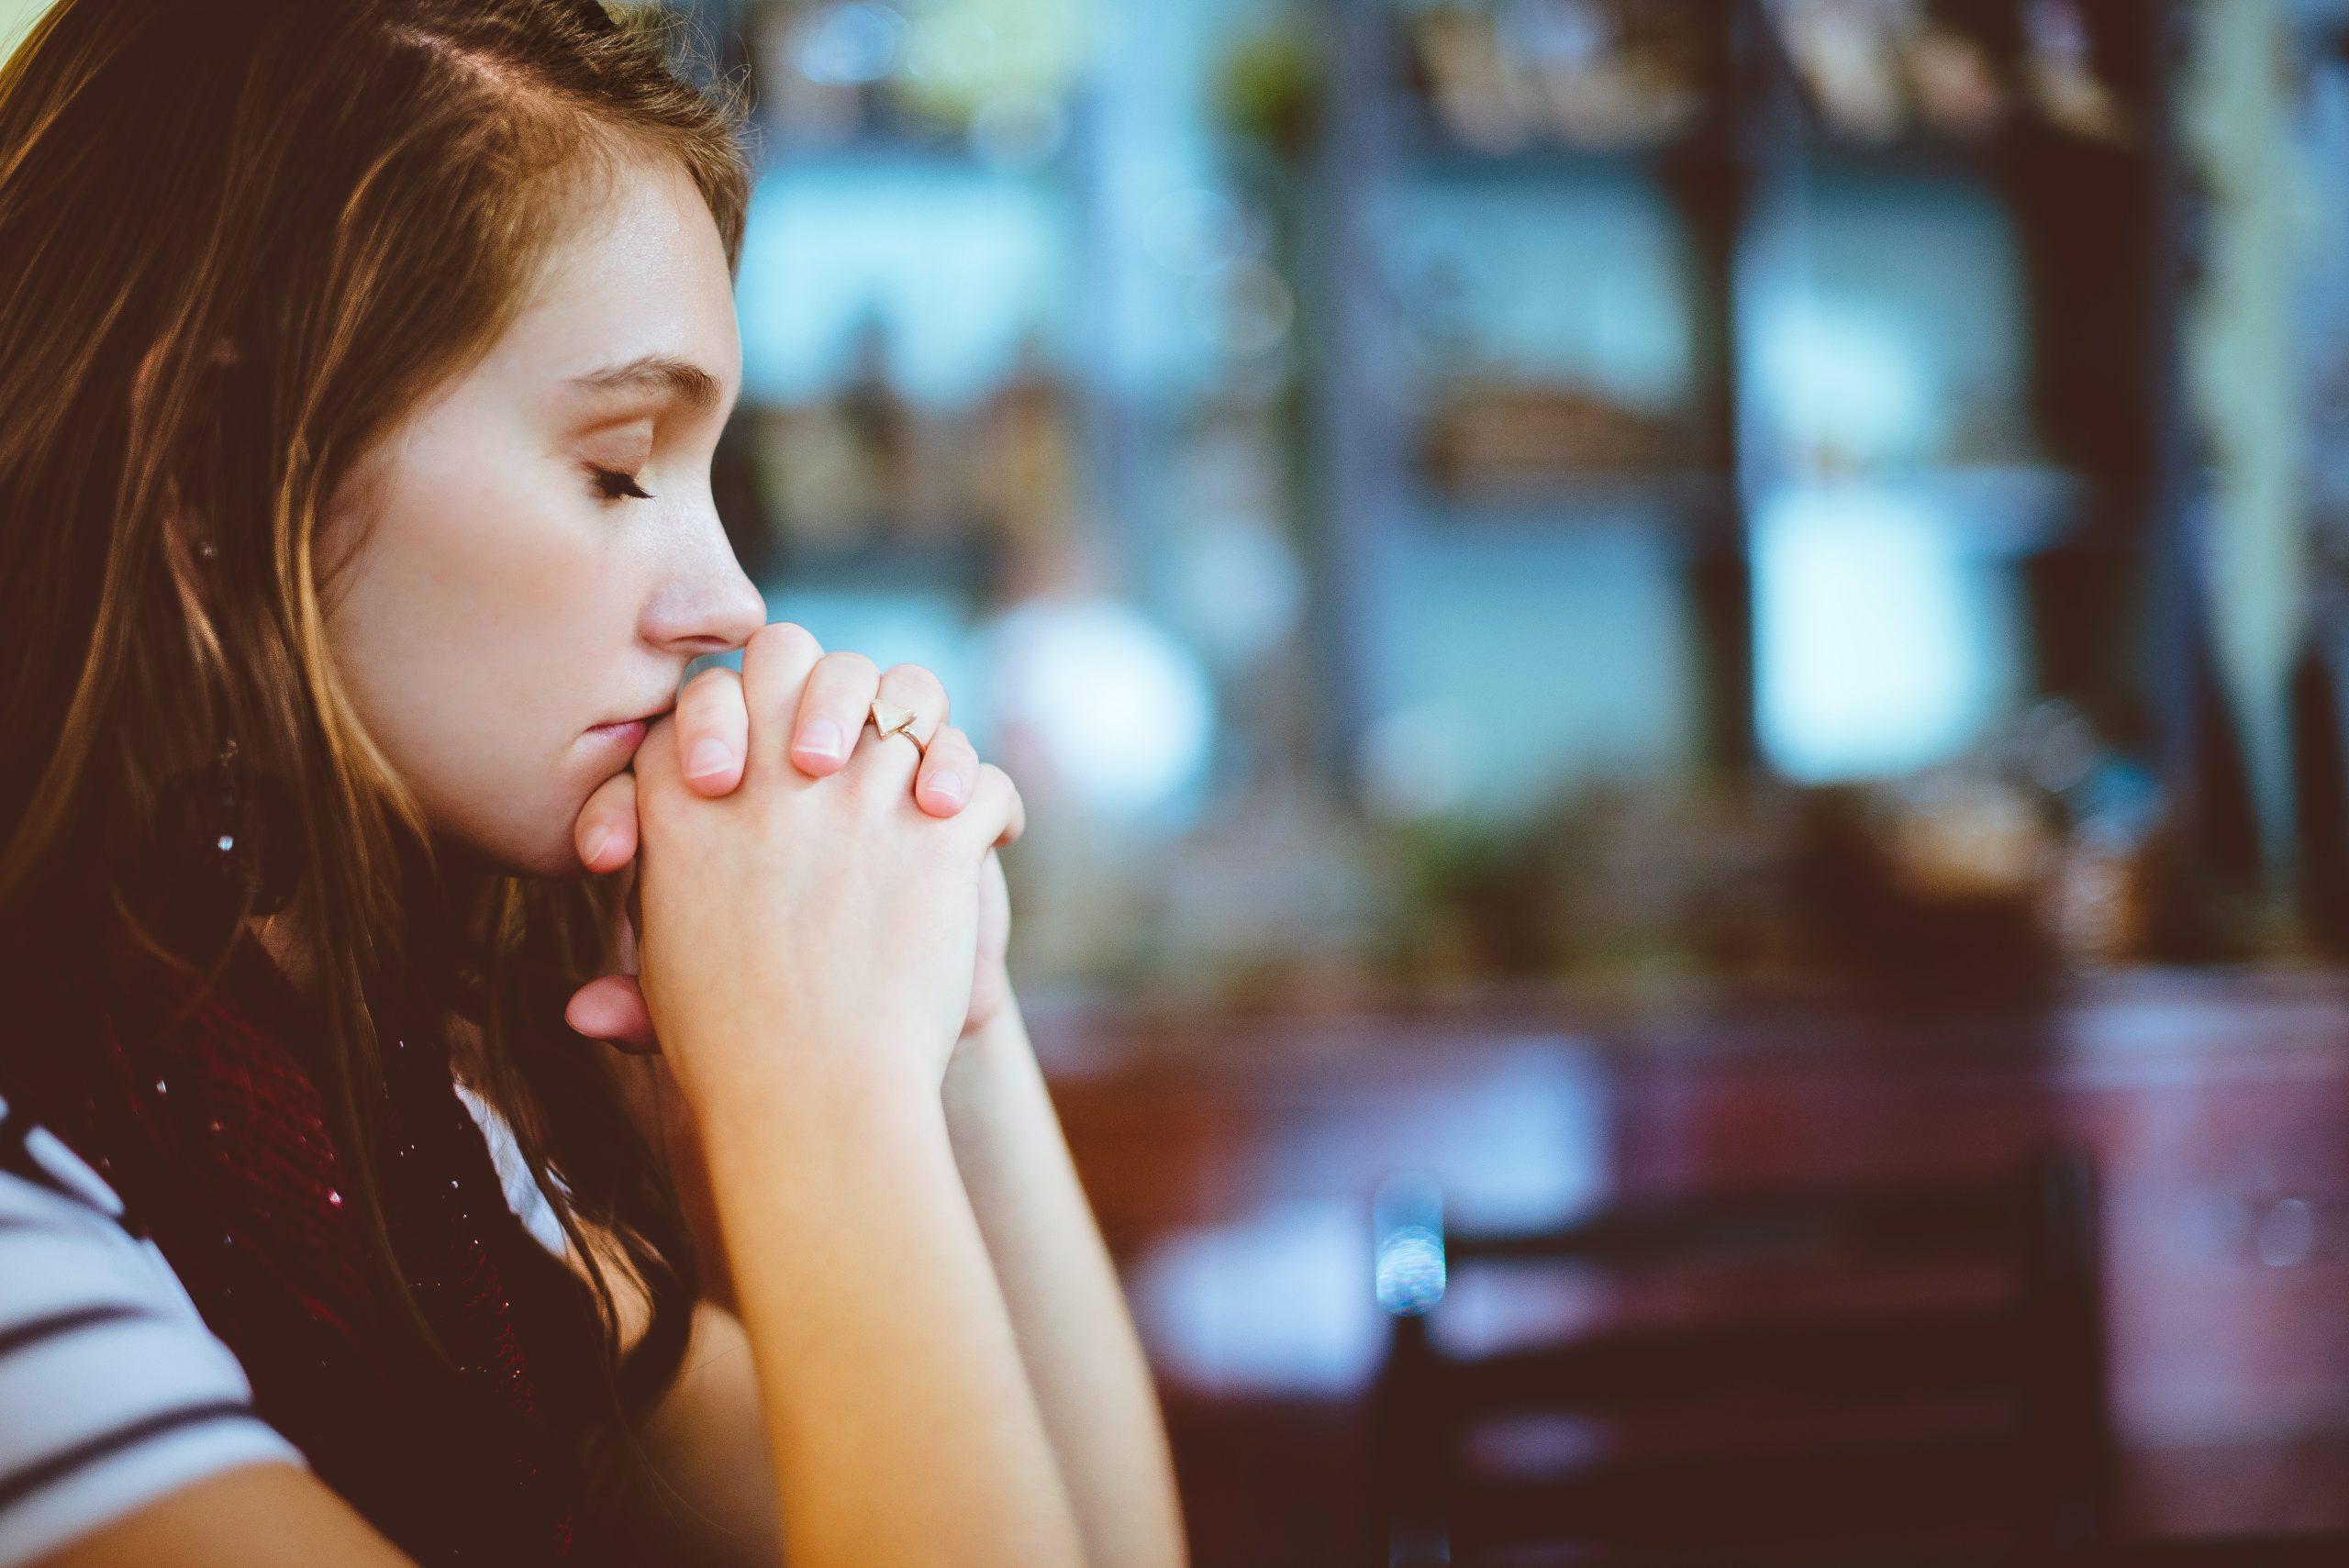 A Comparison of Prayer